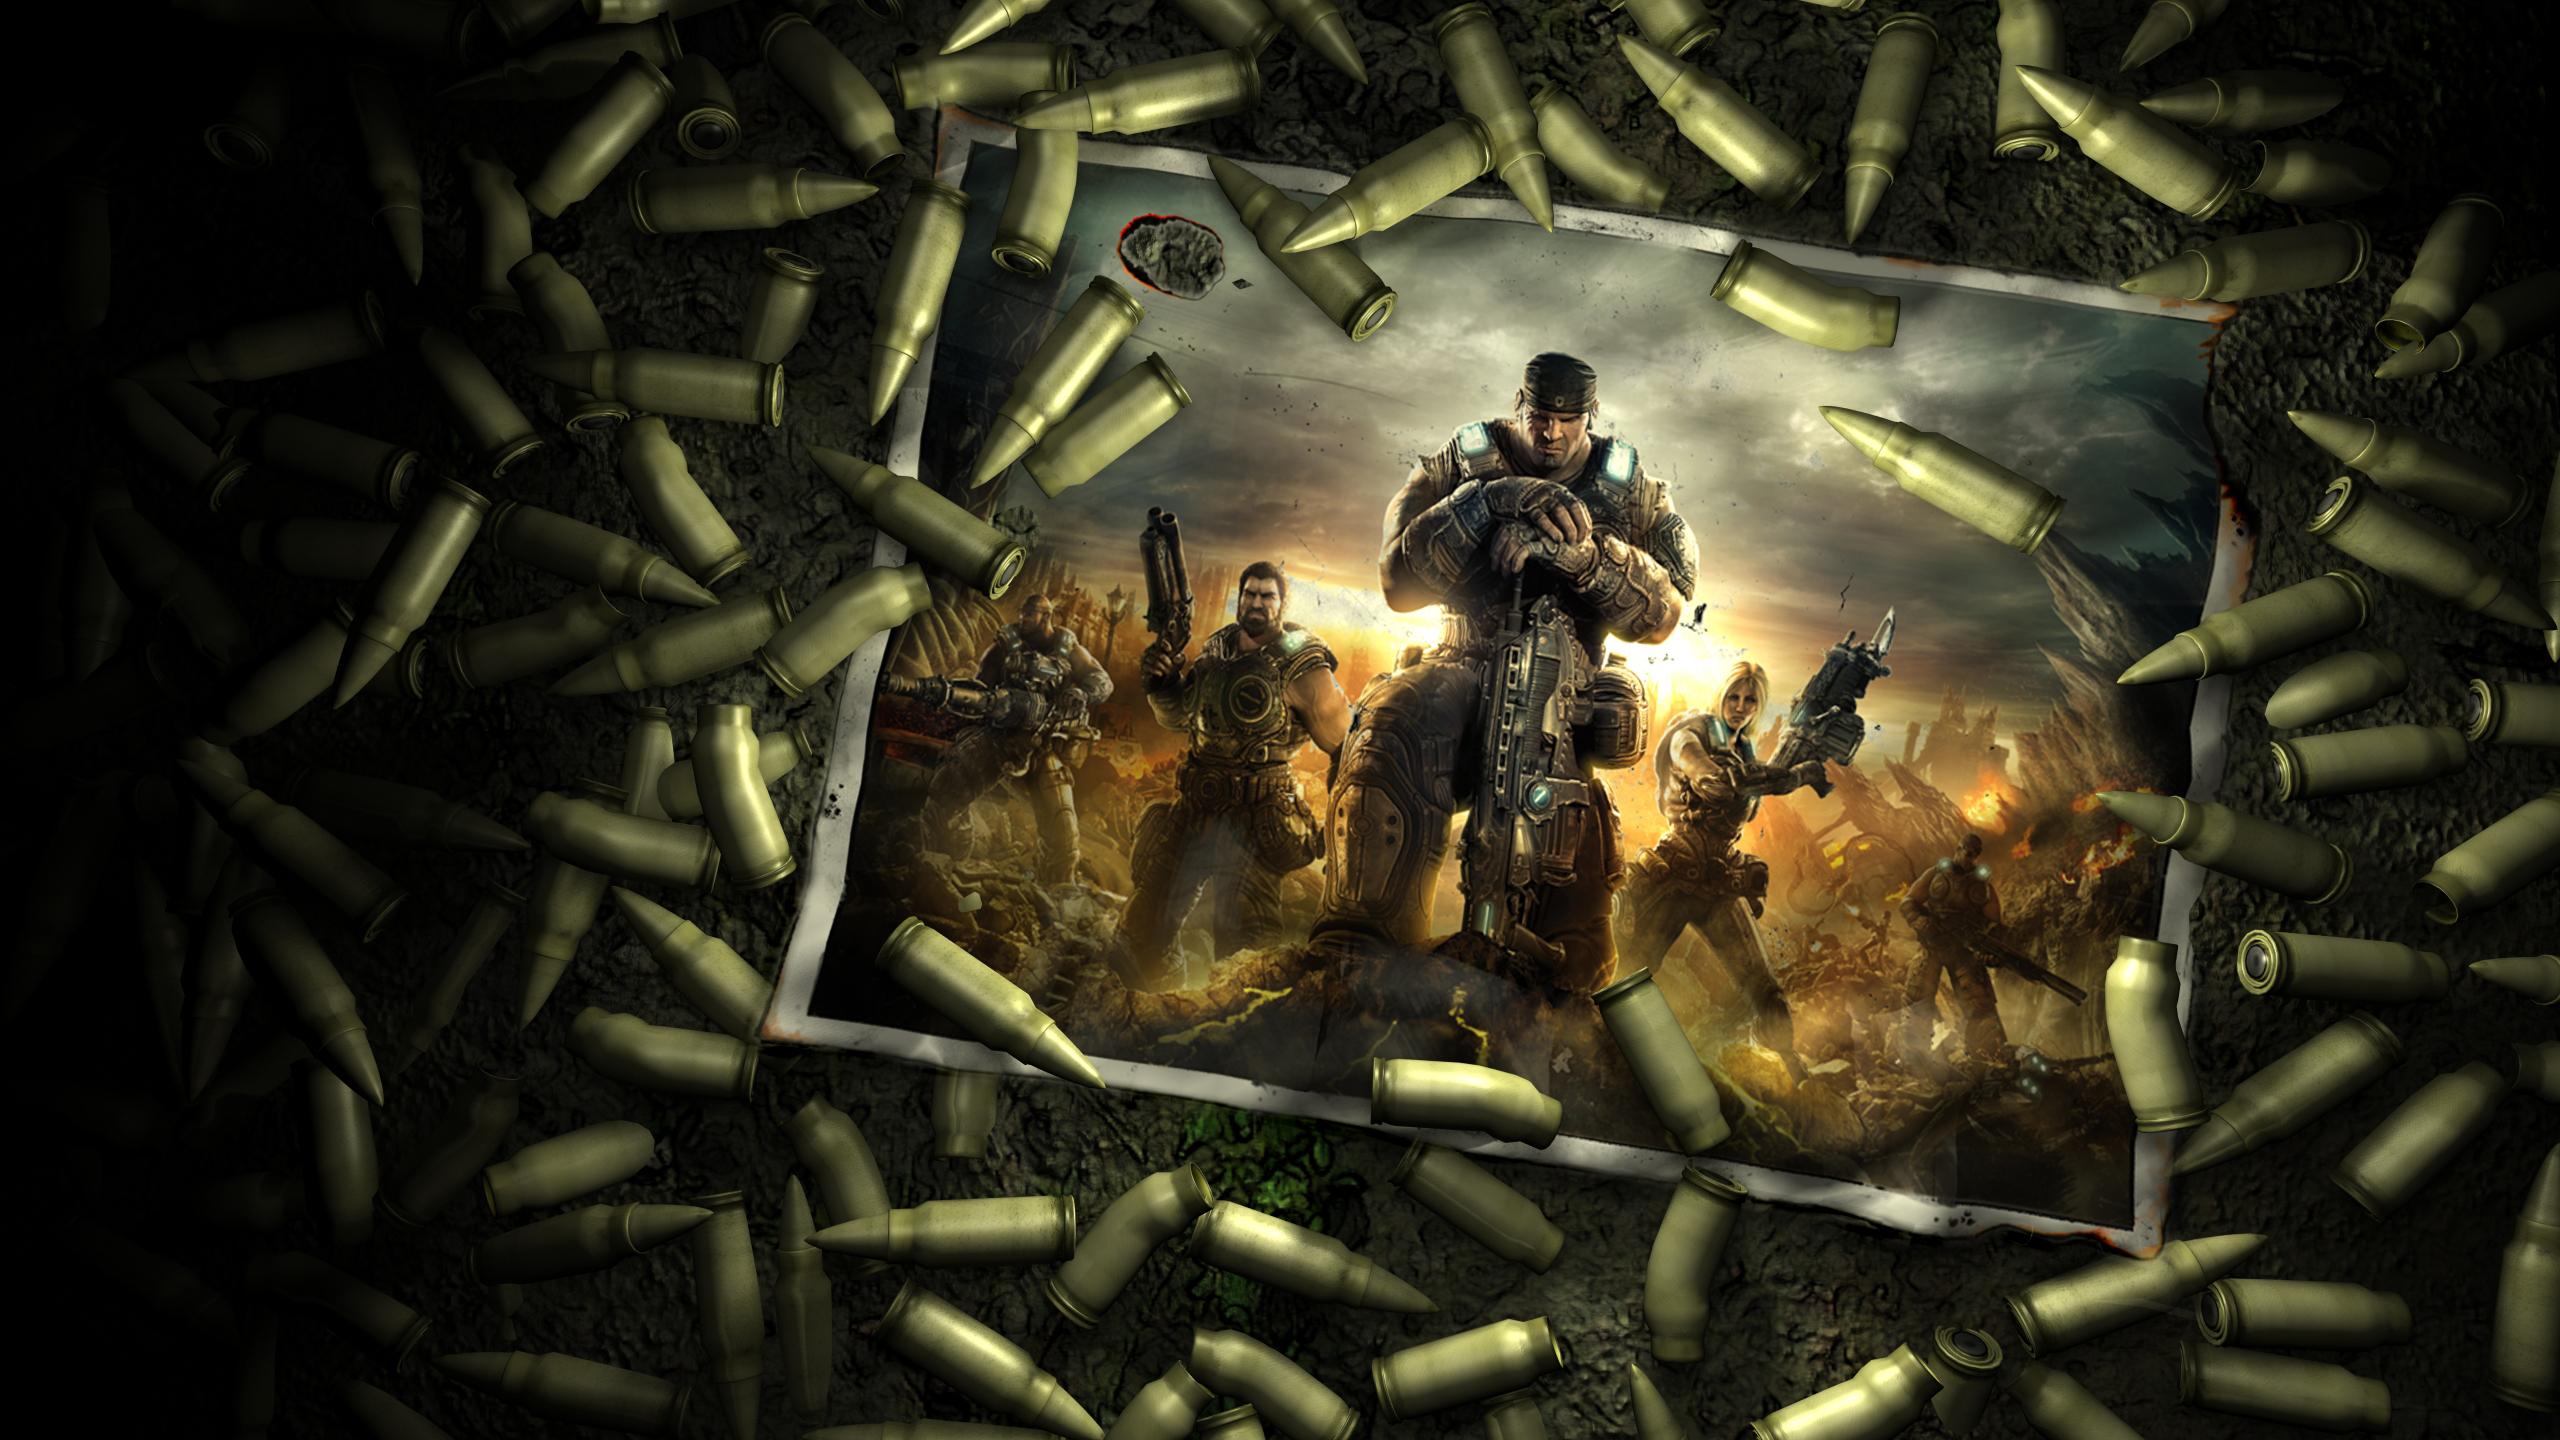 Dyer Gears of War by Reekodyer